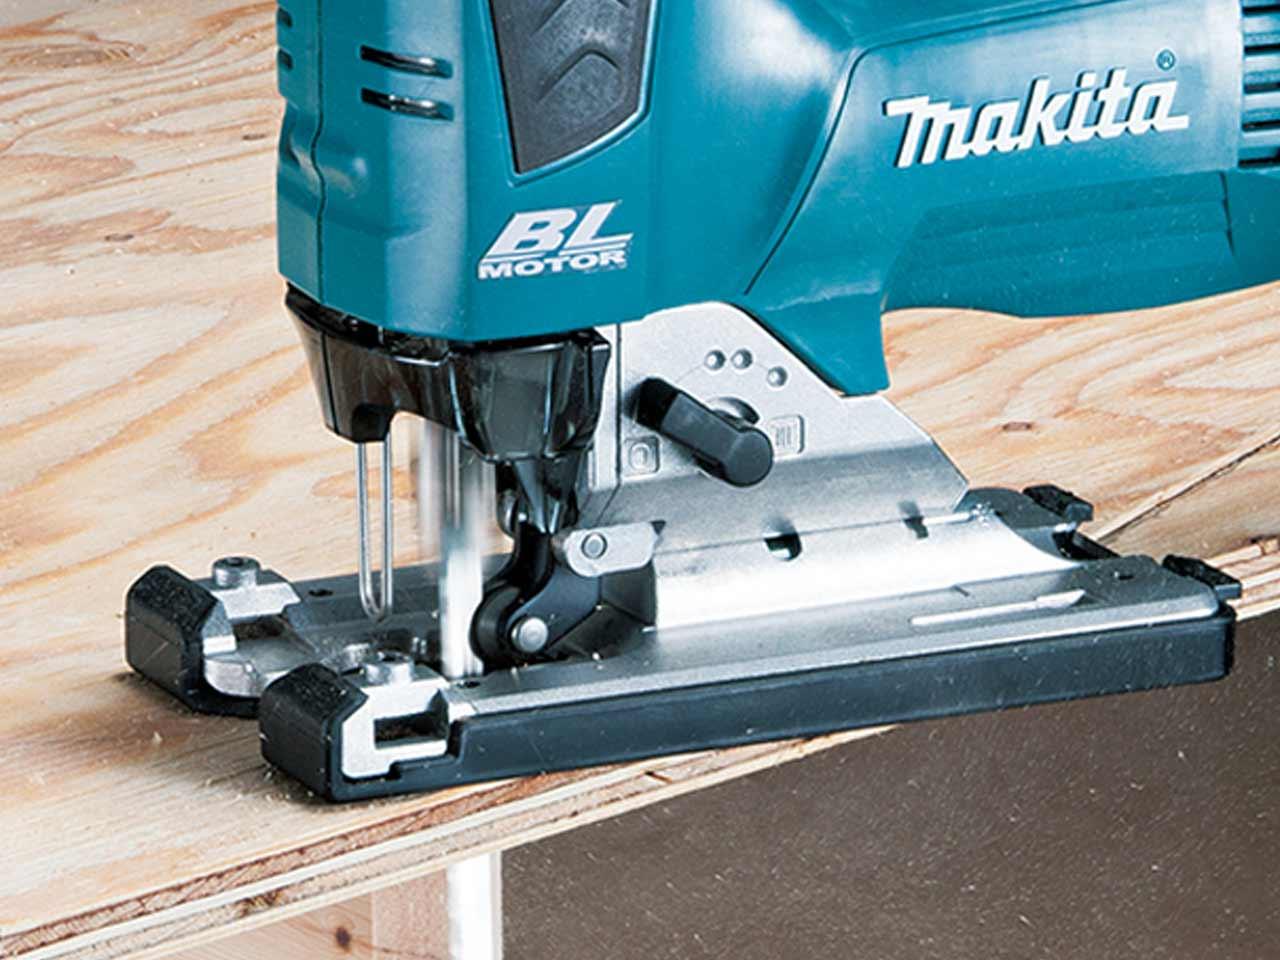 Makita DJV182Z 18V LXT Brushless Jigsaw Bare Unit